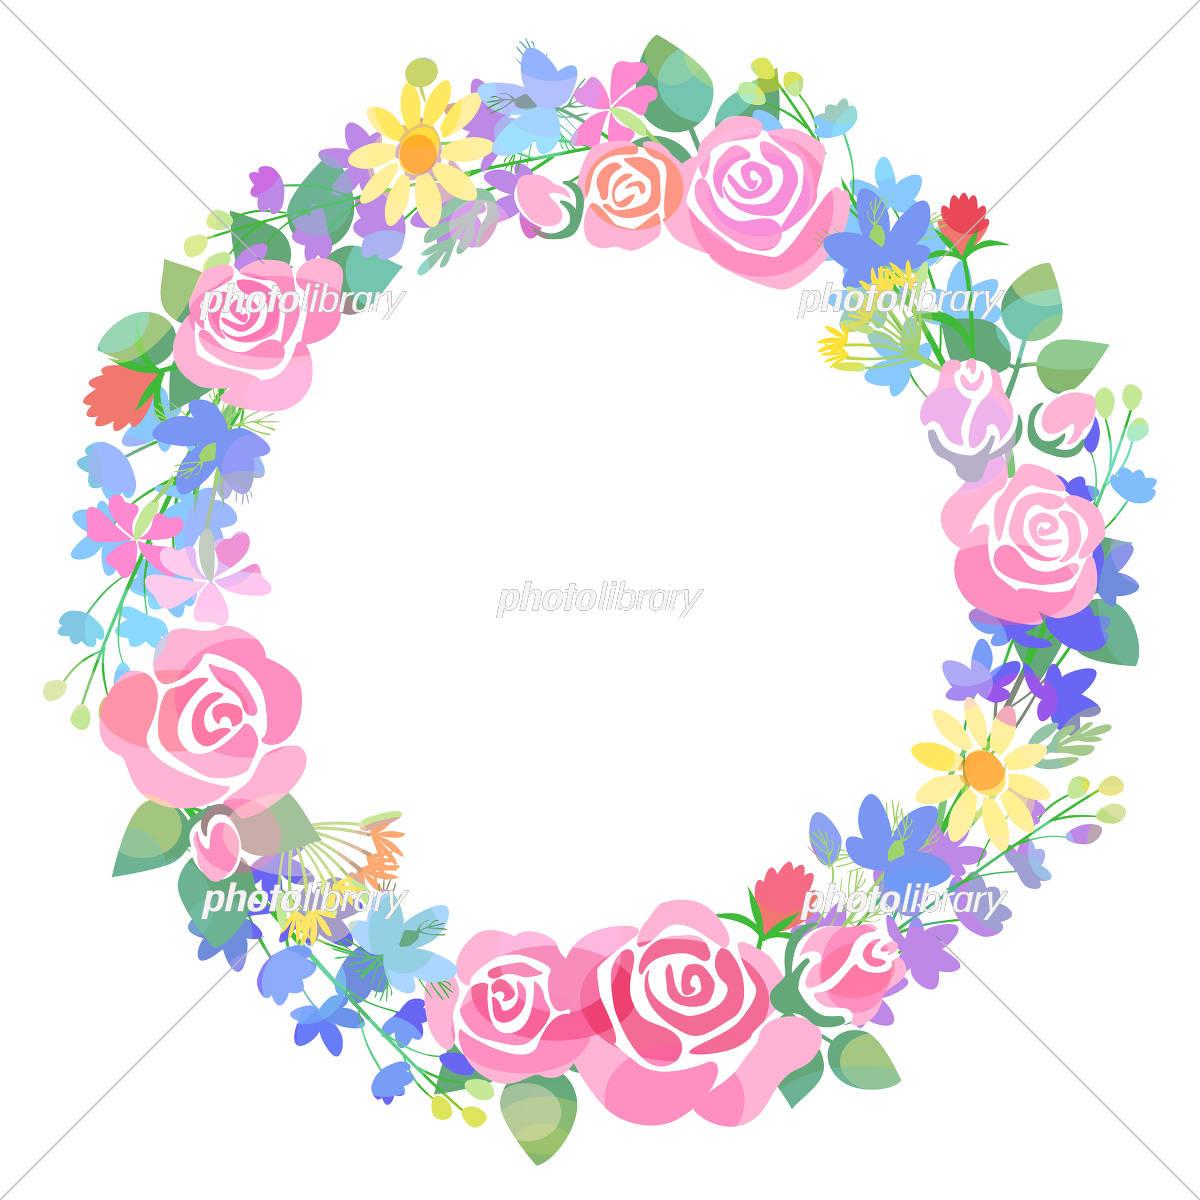 バラと草花のリース イラスト素材 5468673 フォトライブラリー